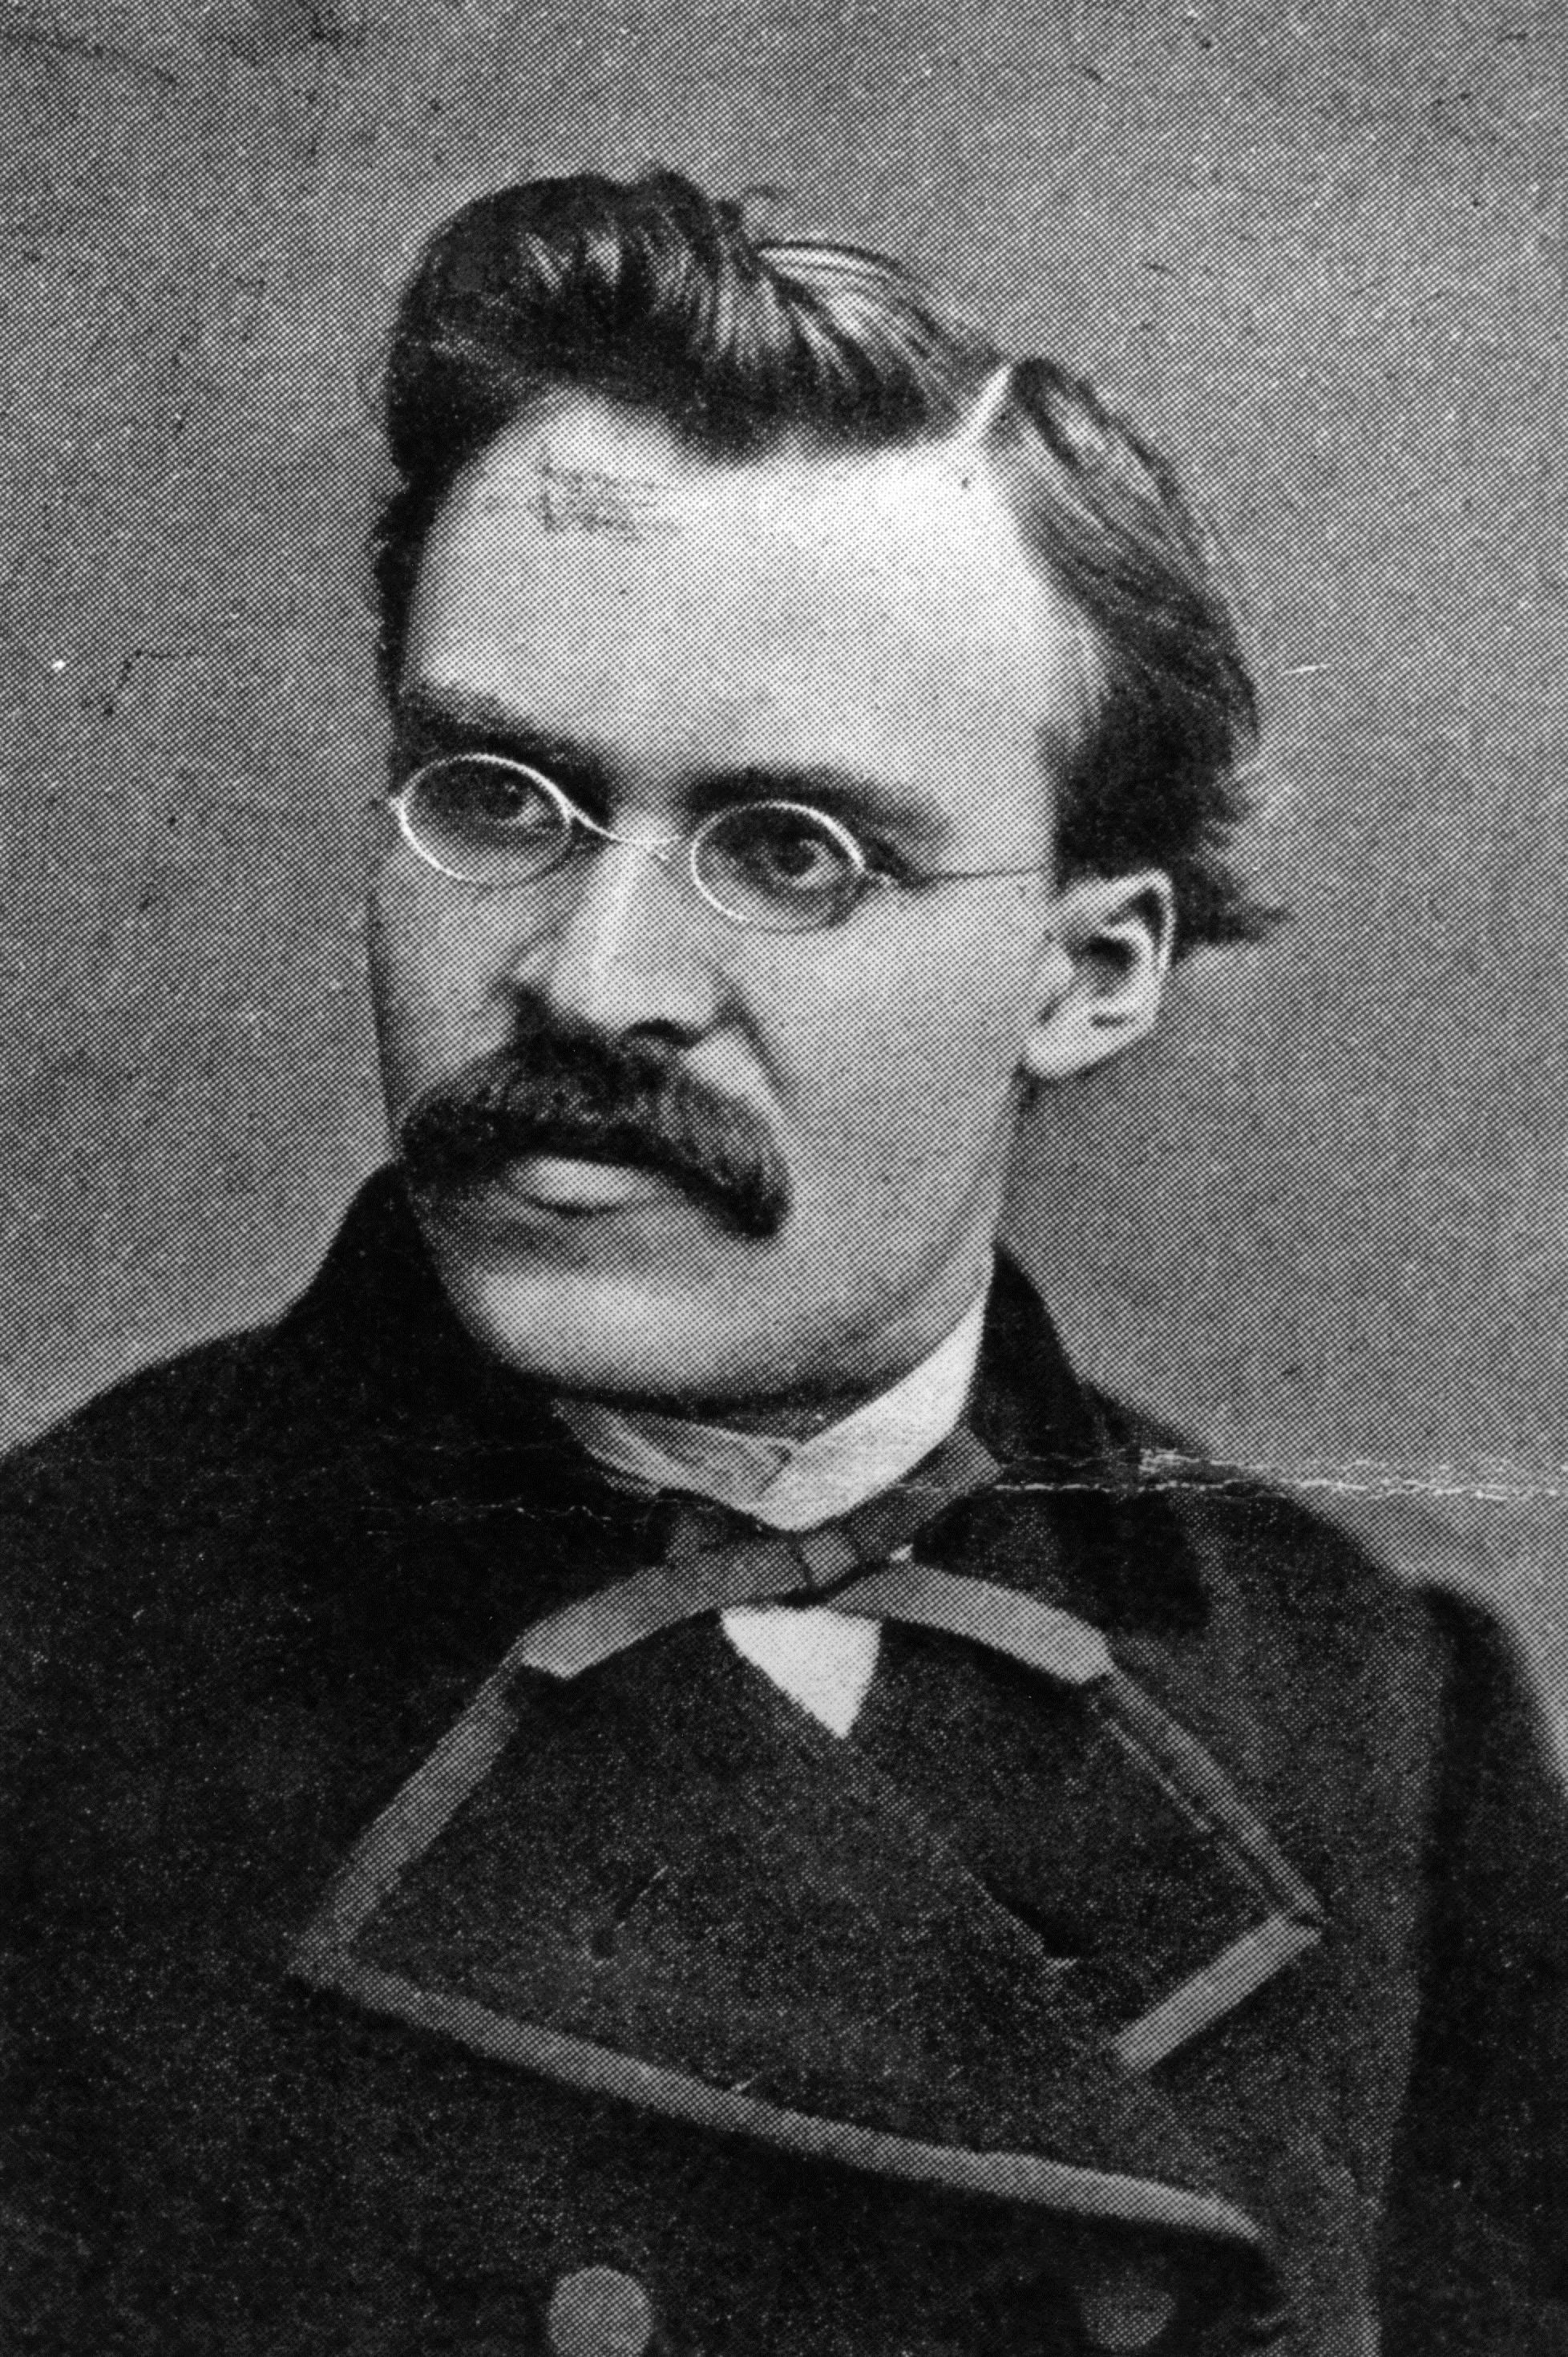 <p><strong>Фридрих Ницше за жените</strong></p>  <p>&bdquo;Когато една жена се обръща към науката, обикновено има някакъв проблем с половите ѝ органи&rdquo;.</p>